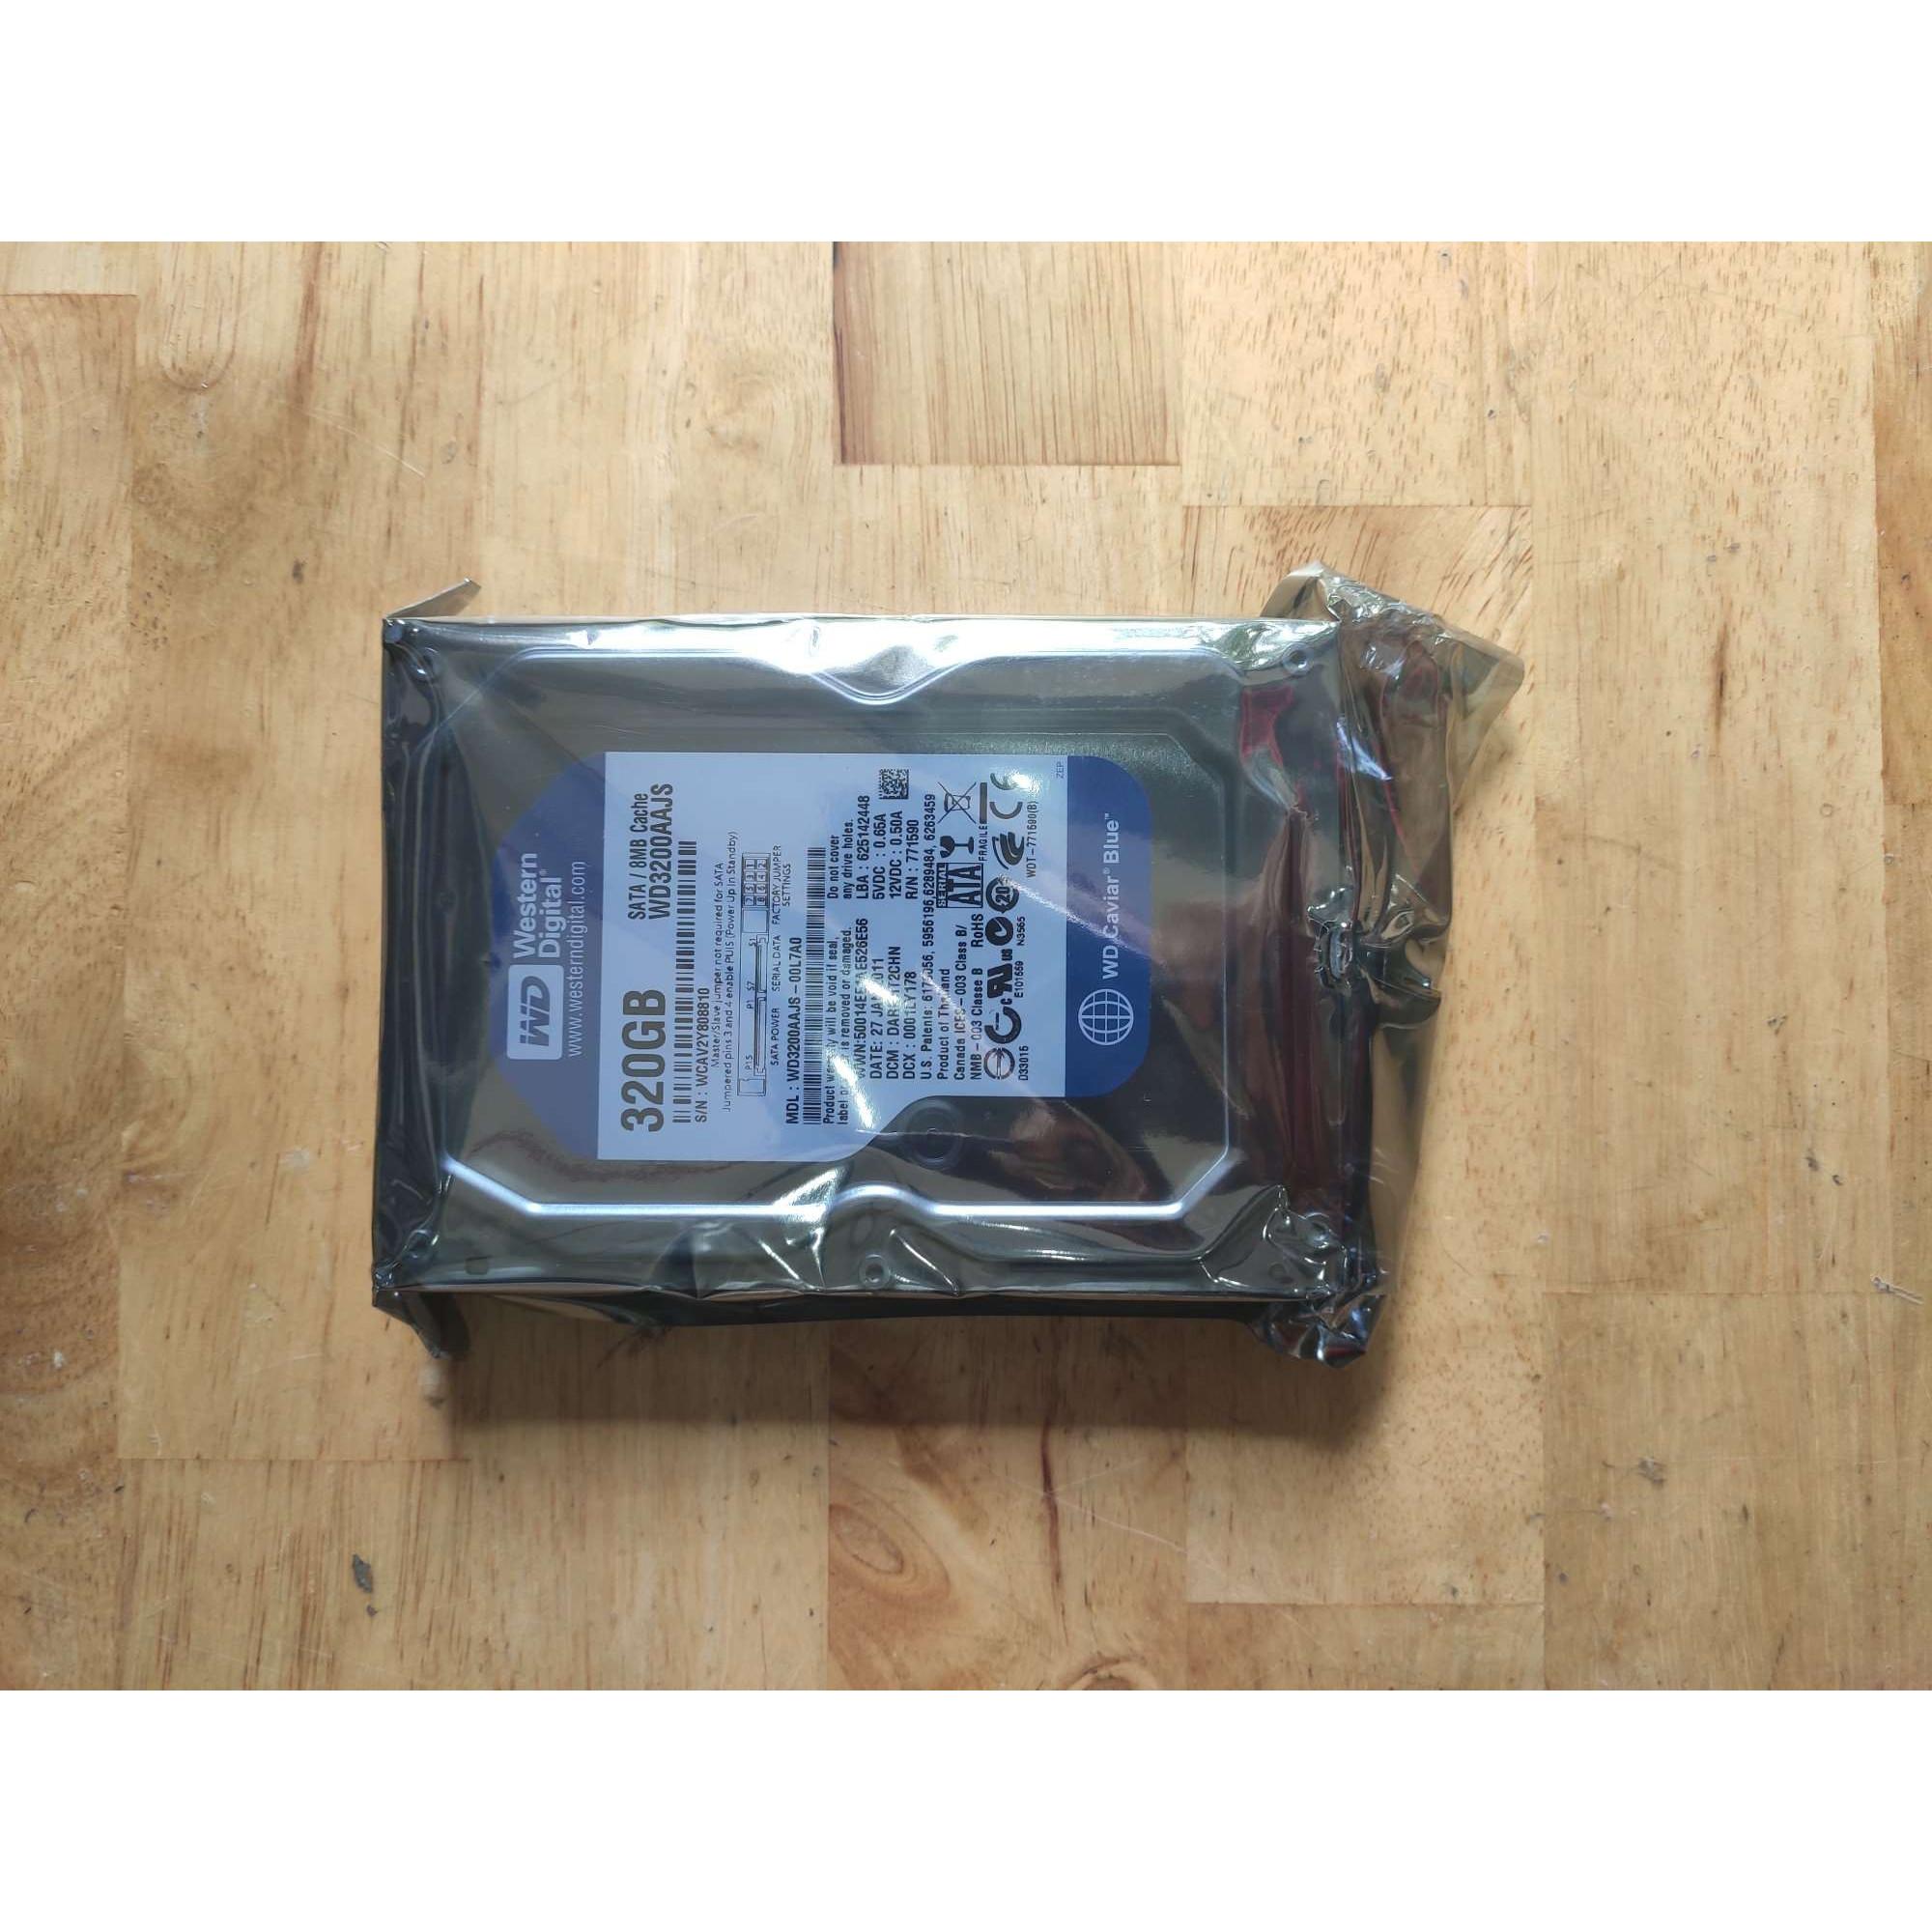 Ổ cứng HDD 320GB Western Digital Chính Hãng.